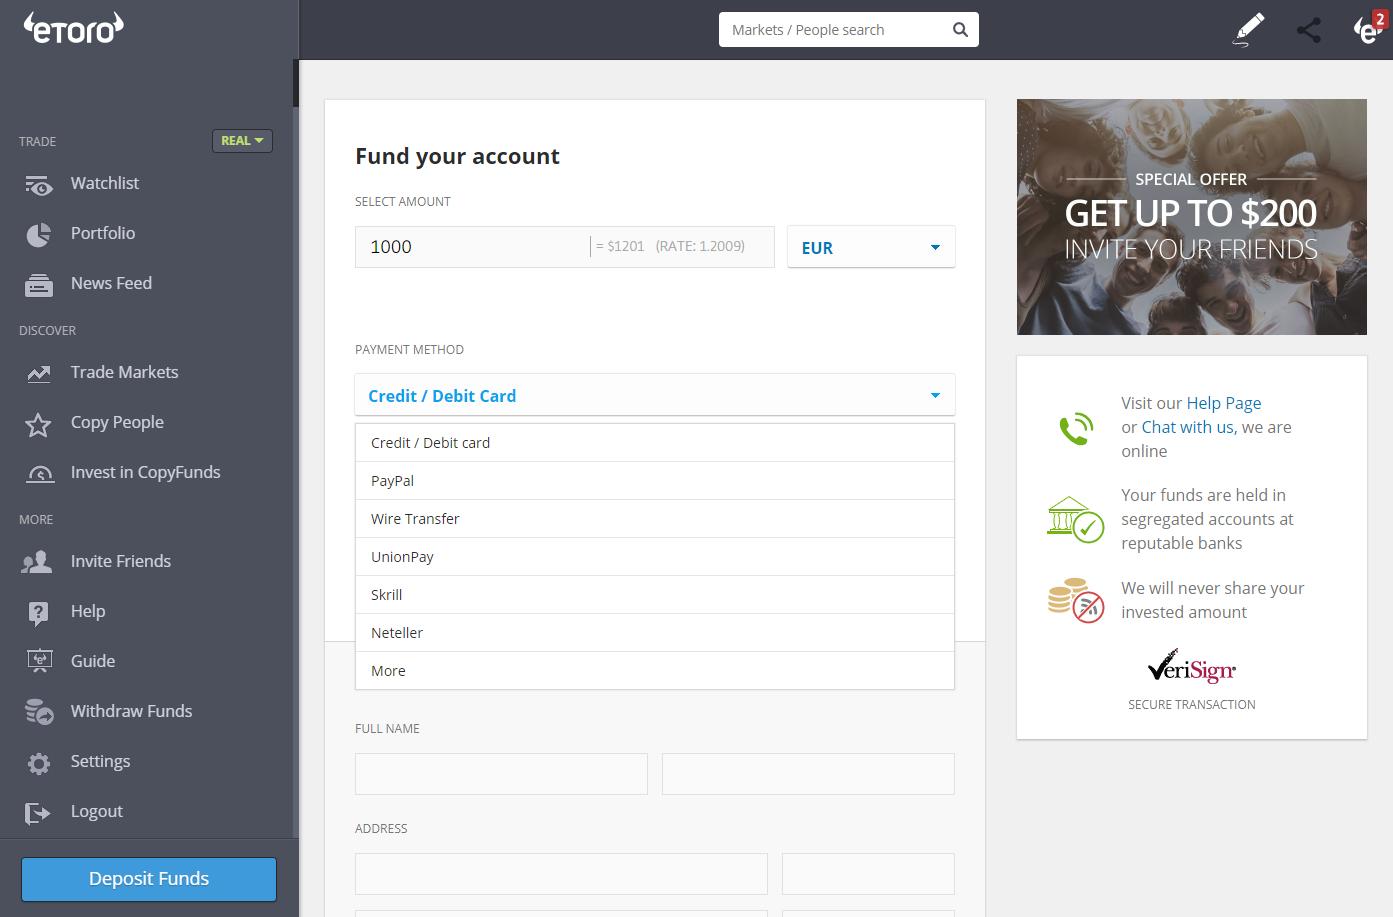 Choosing payment method at eToro